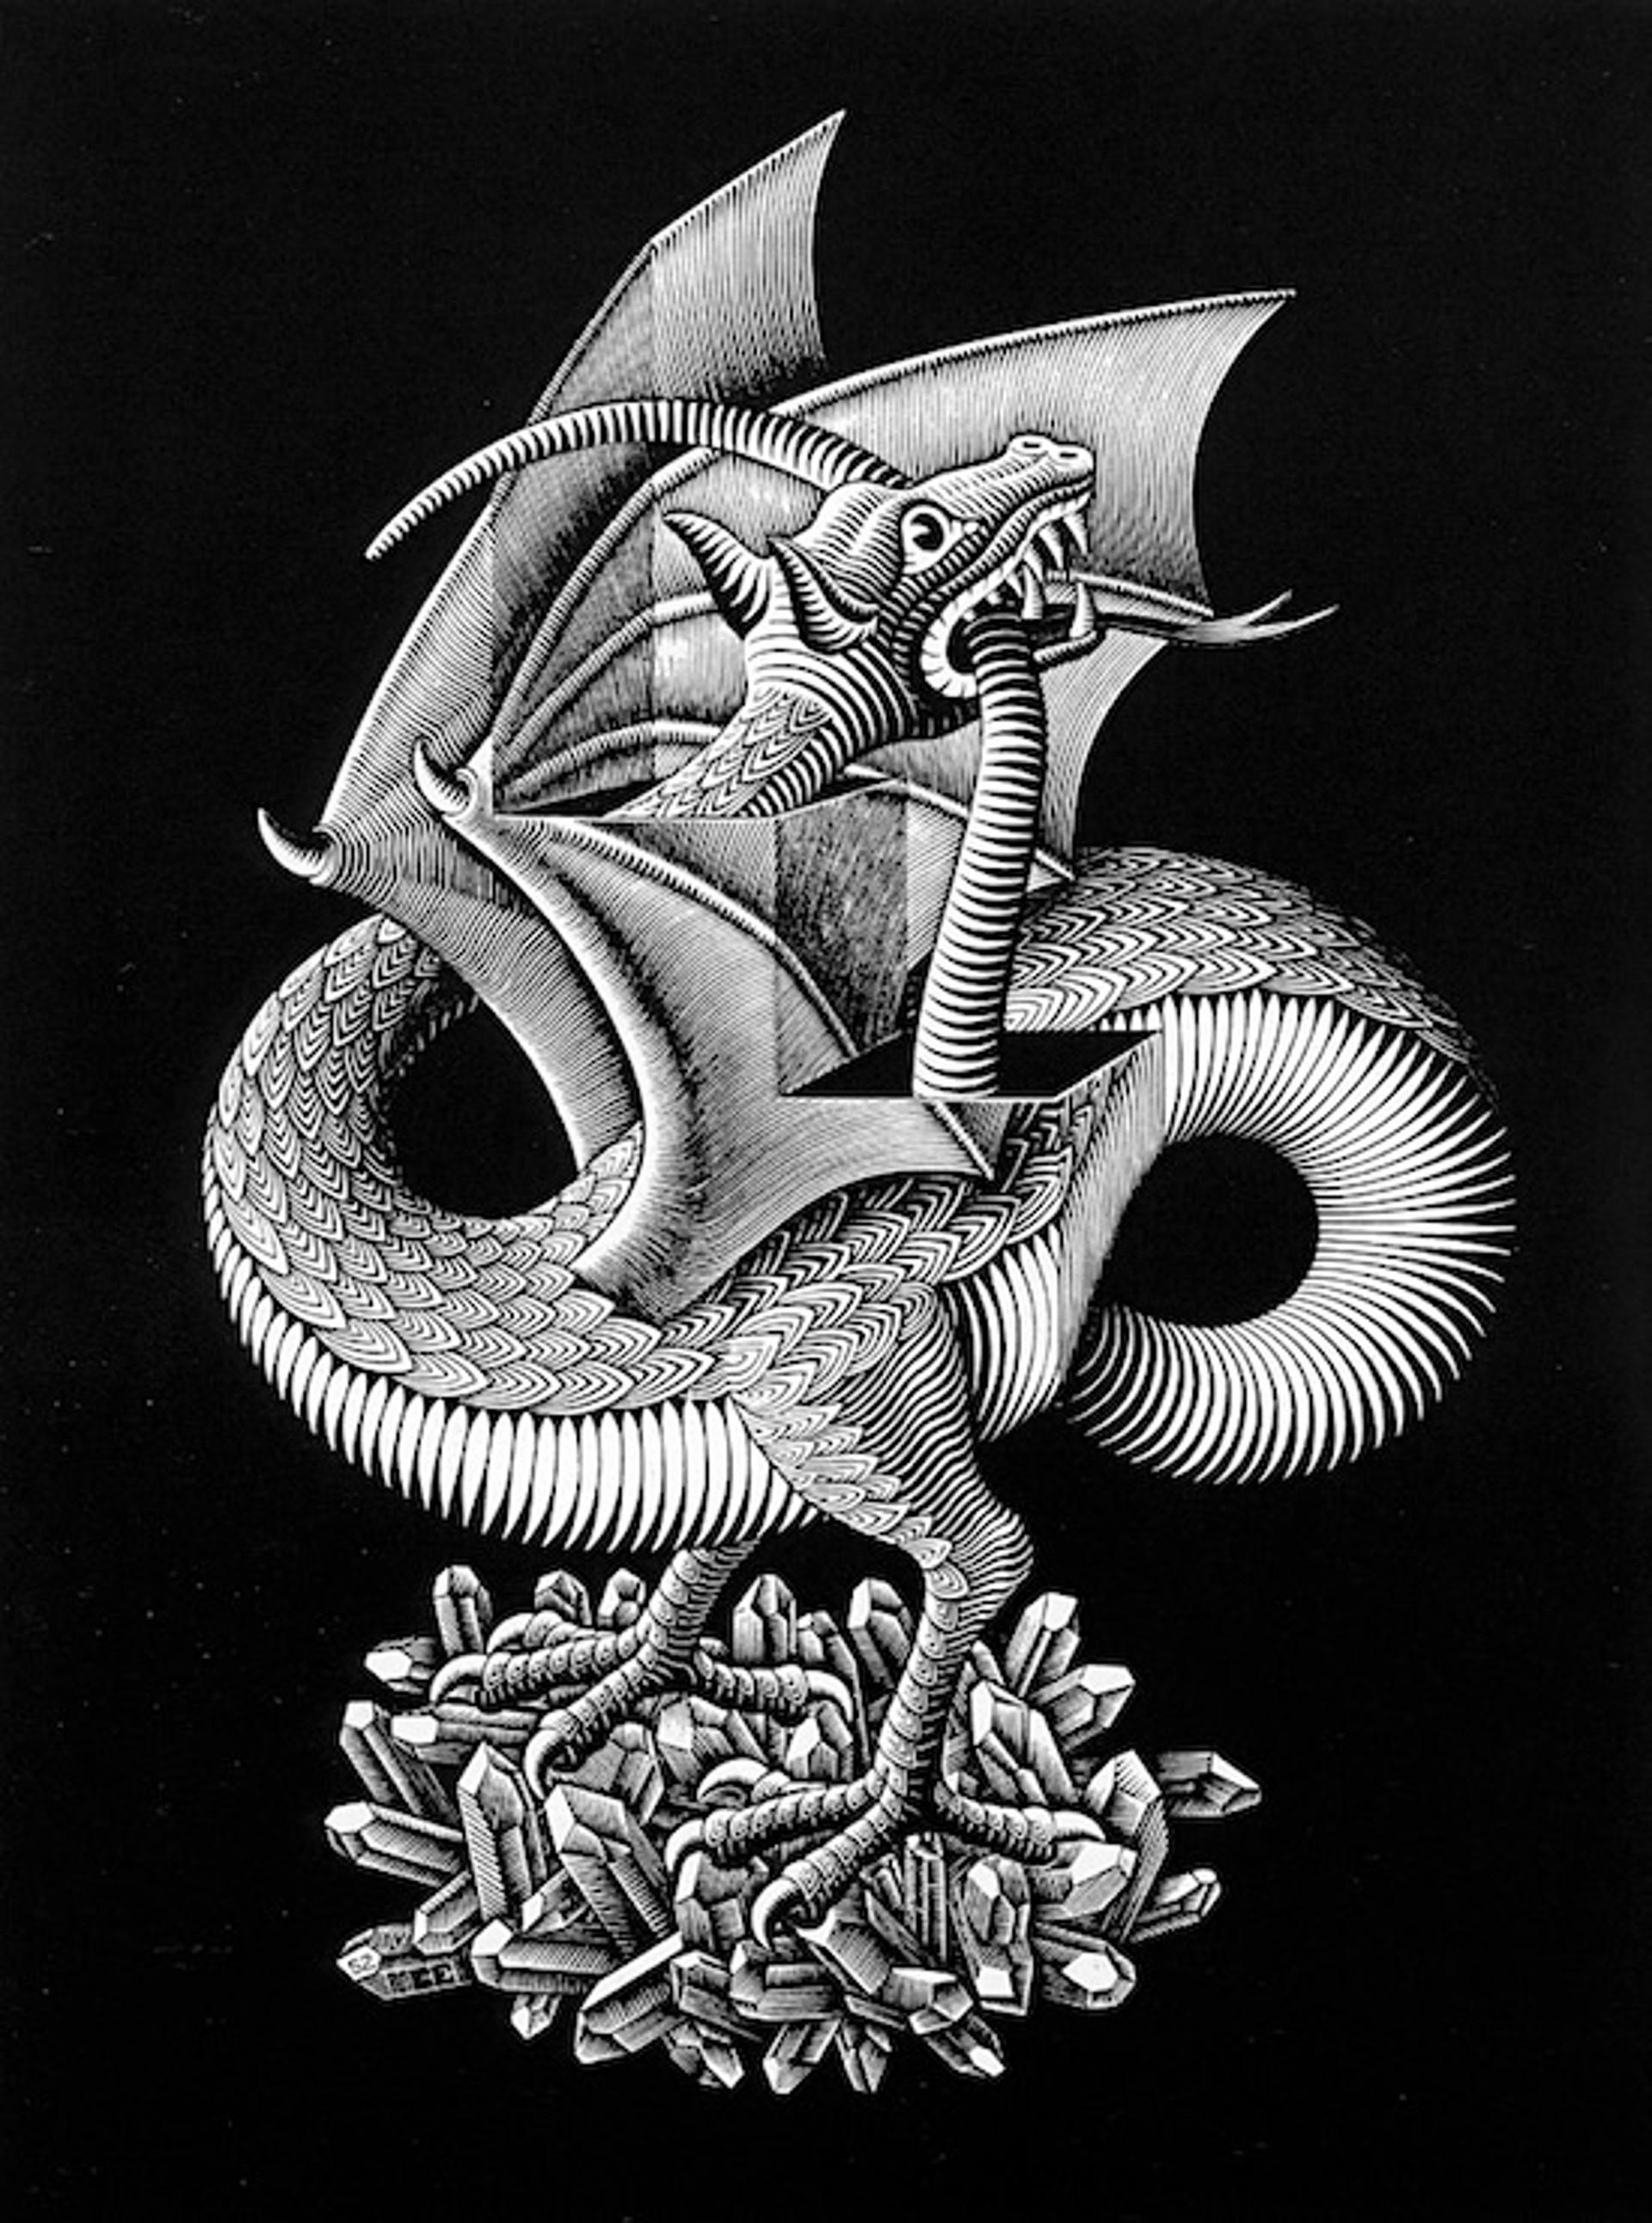 Dragon by M.C. Escher